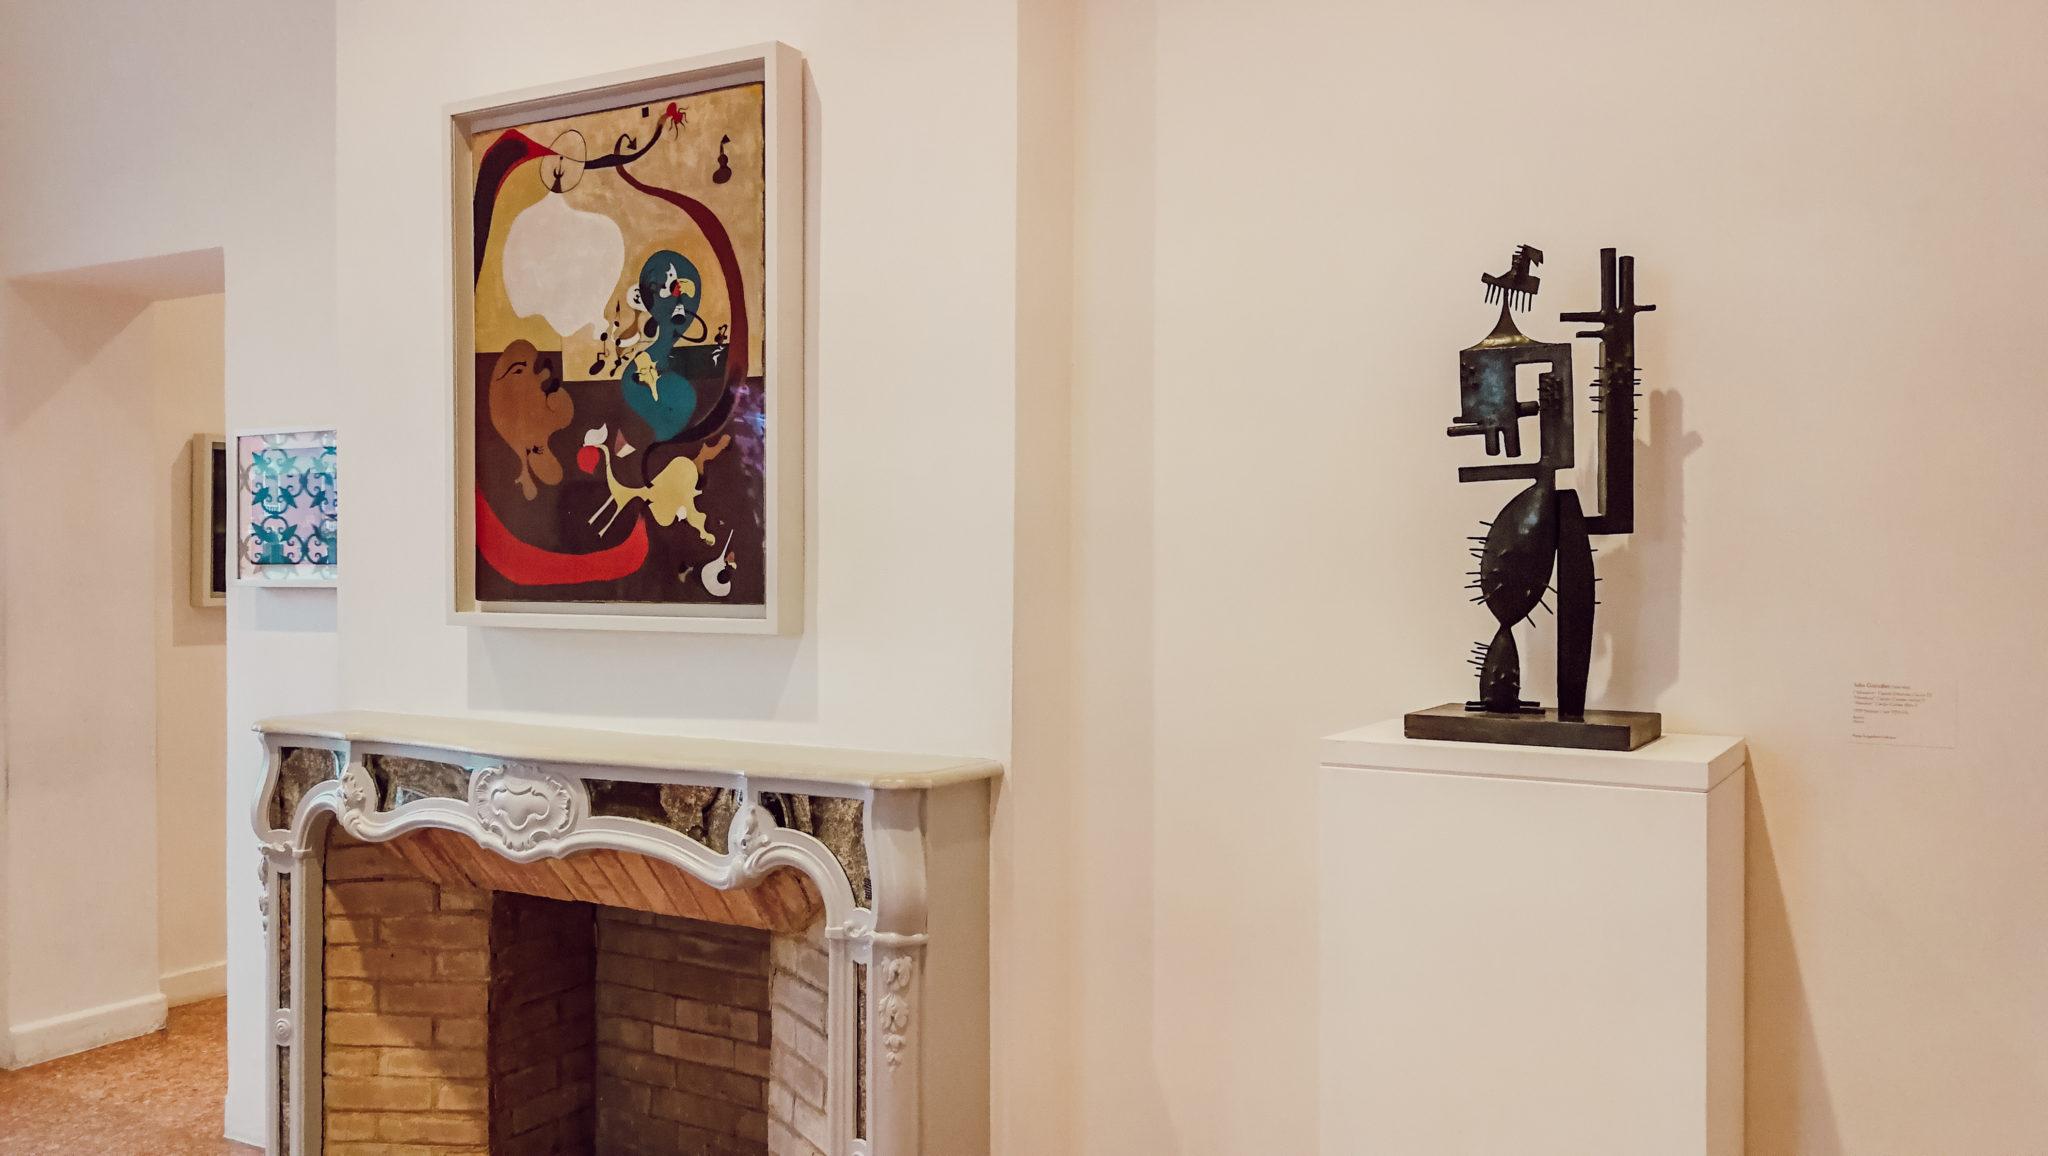 tableaux musée guggenheim venise